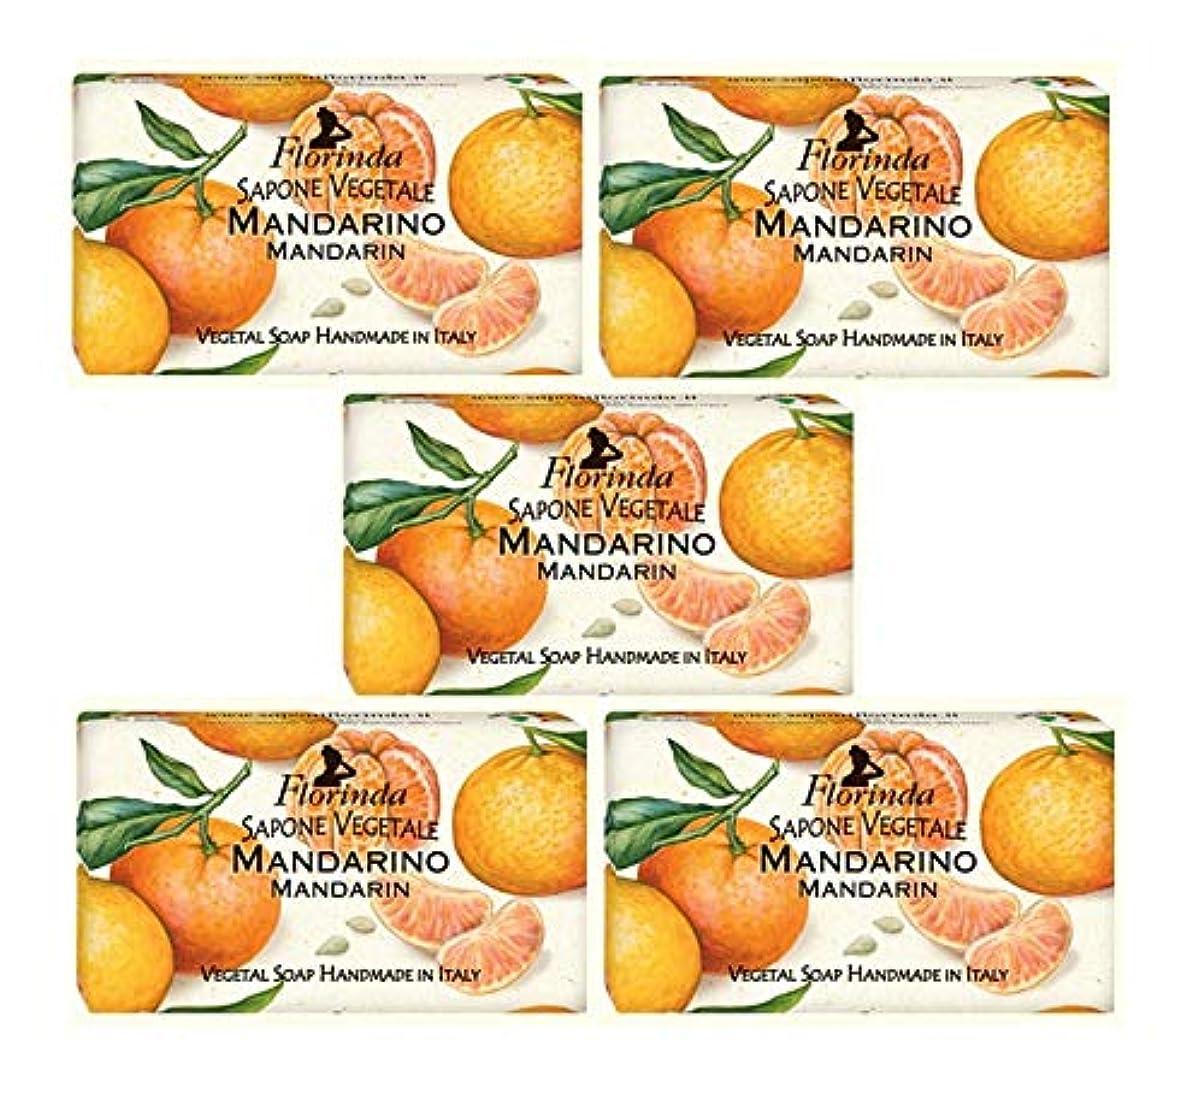 フラグラント支出ホイットニーフロリンダ フレグランスソープ 固形石けん フルーツの香り マンダリン 95g×5個セット